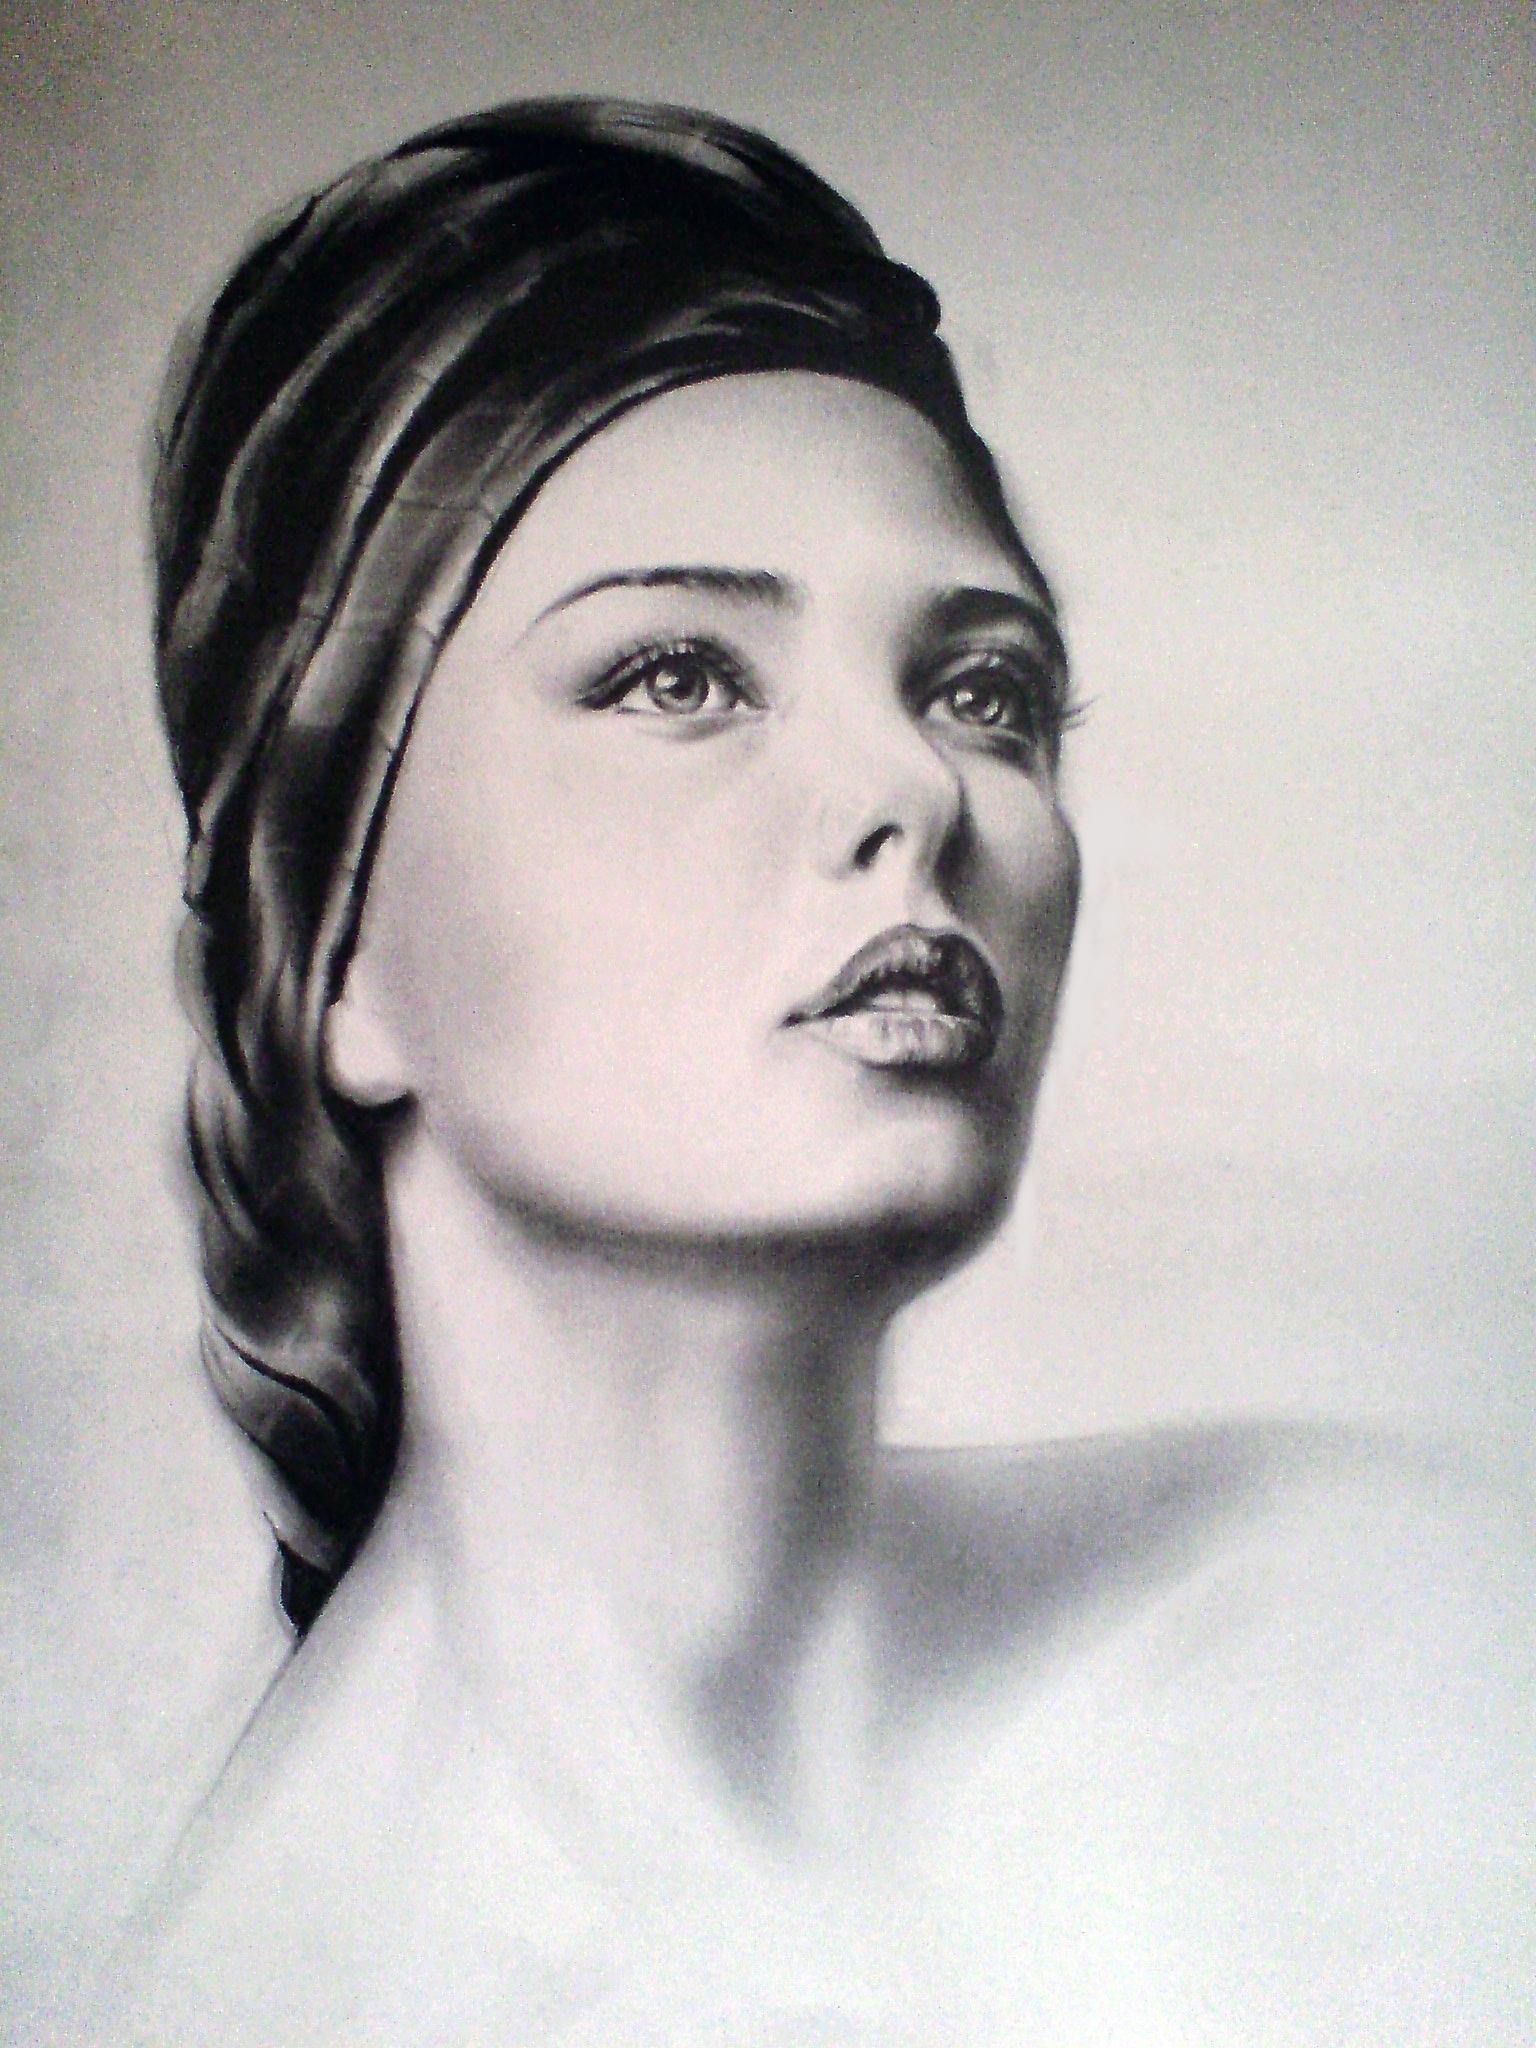 Beautiful Lady by shadagishvili on DeviantArt